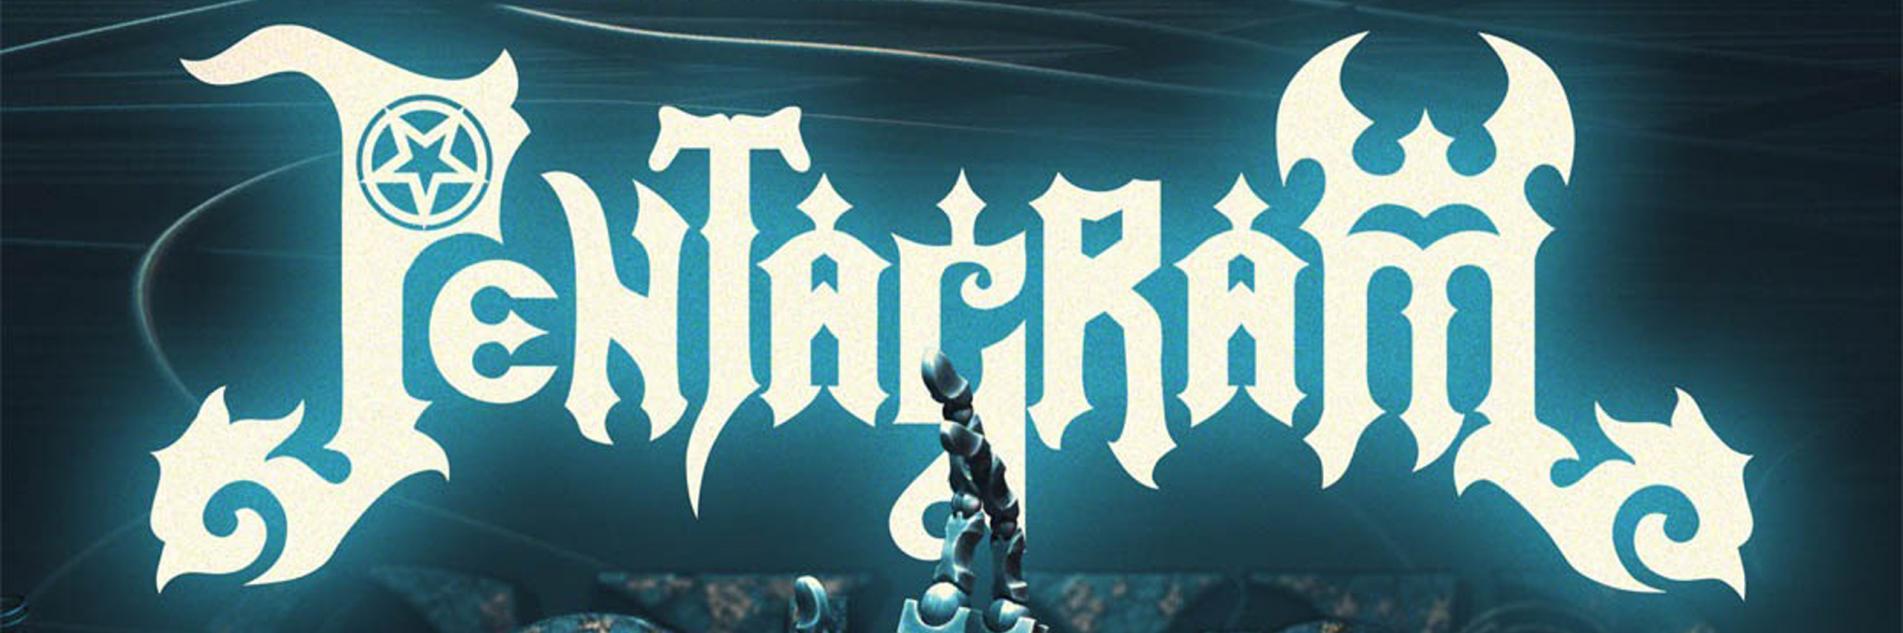 pentagram banner